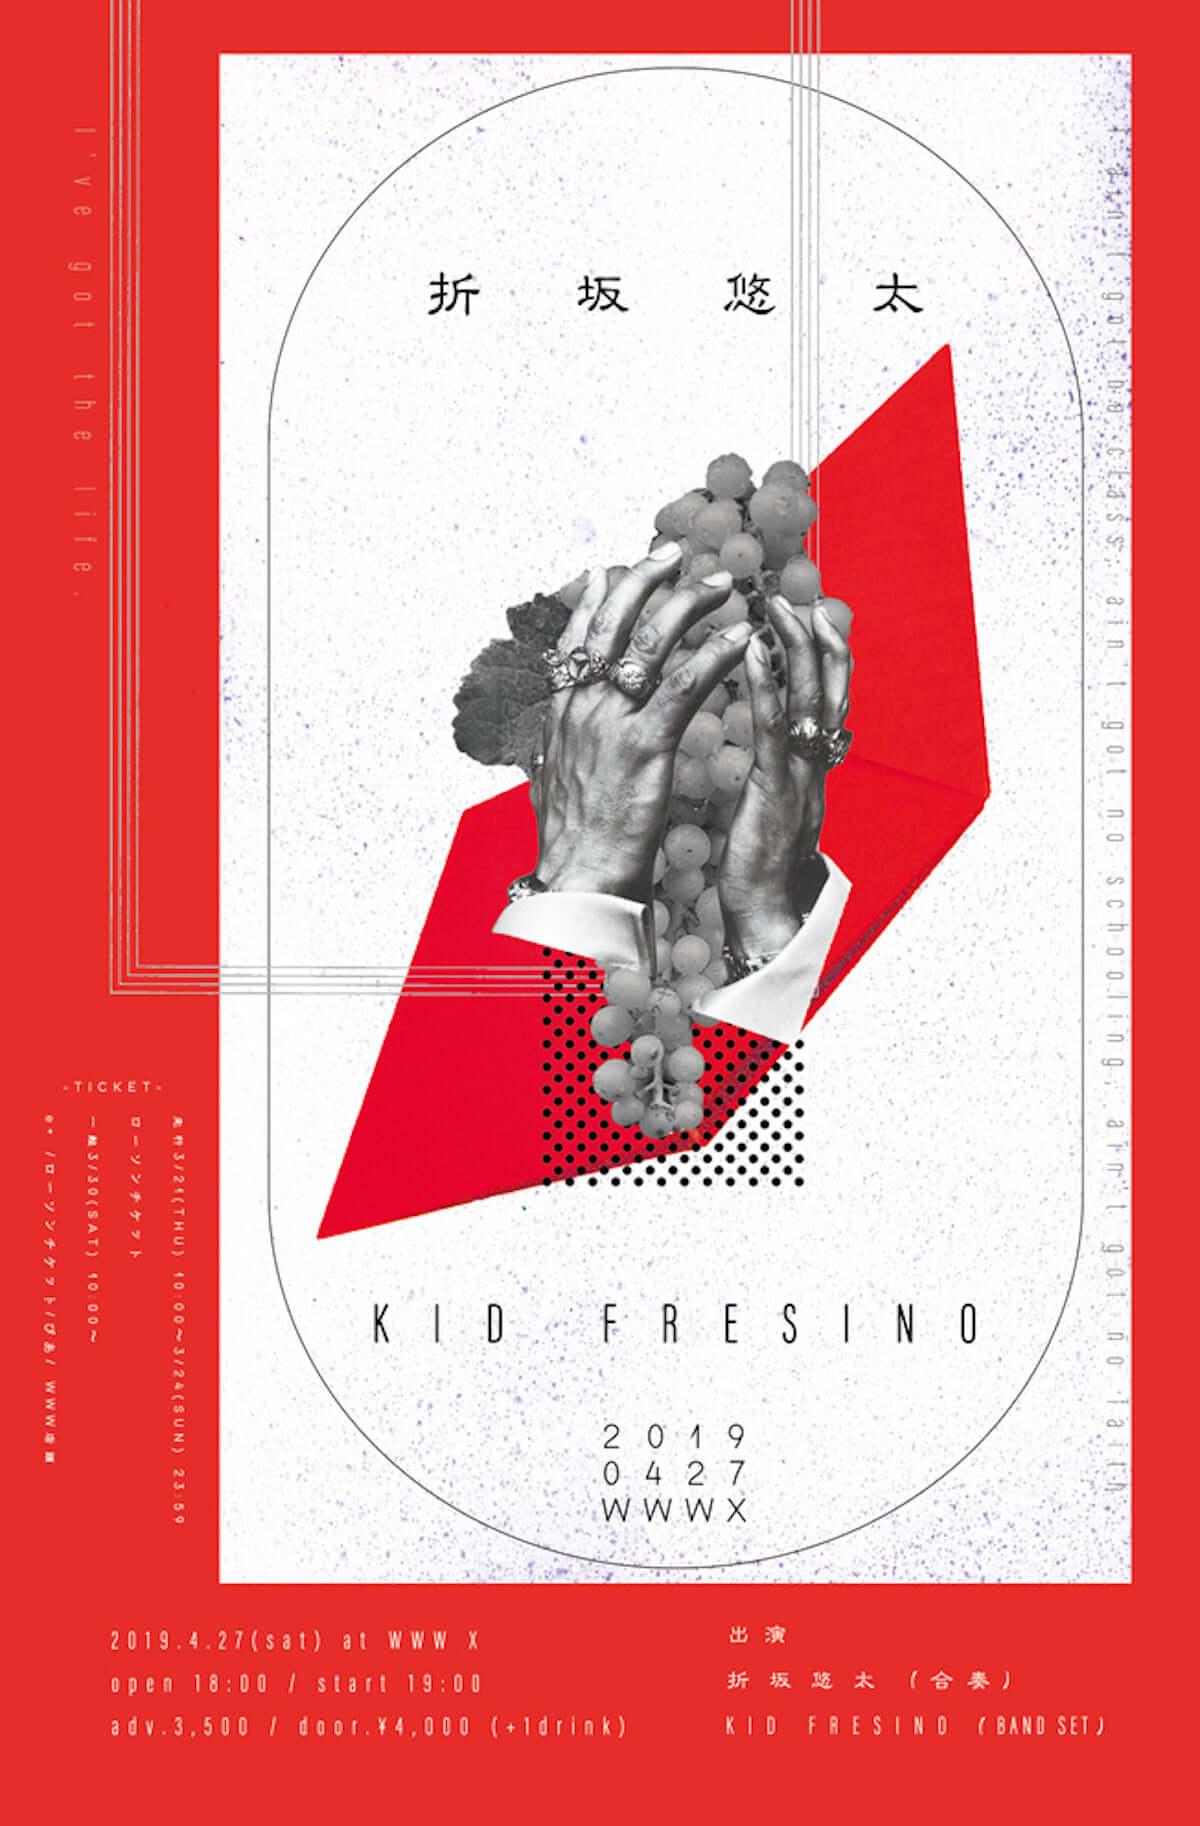 新しい世代を牽引するアーティスト2組が共演|折坂悠太とKID FRESINOがWWWXに登場 music190319_wwwx_1-1200x1826